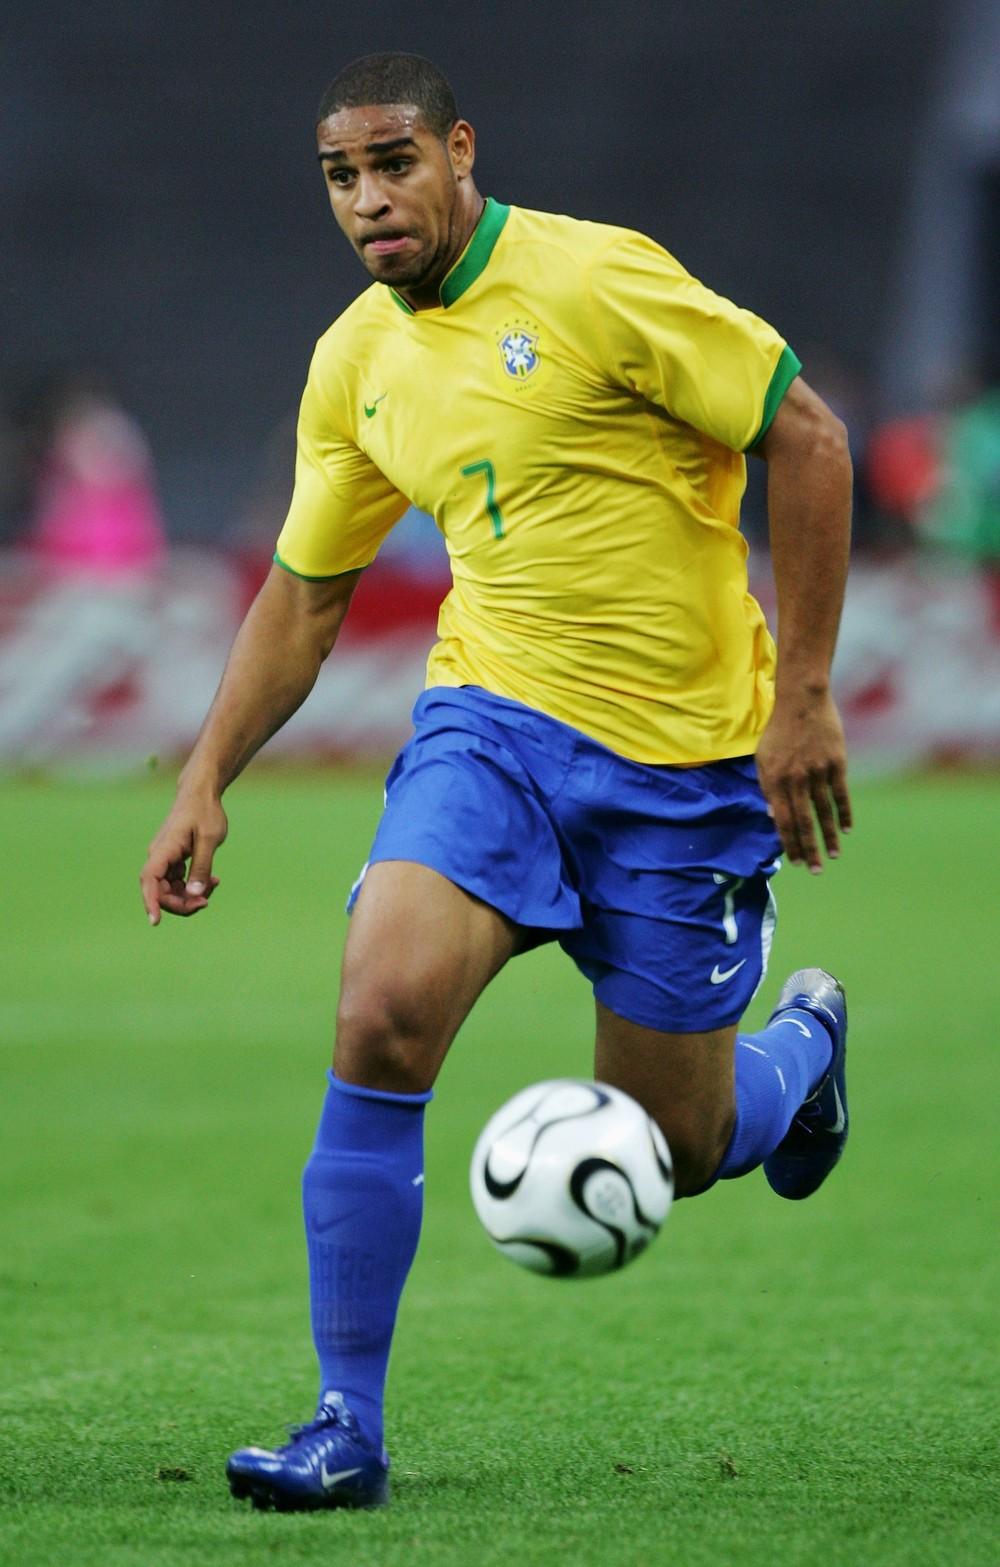 64d847bac1 Uniformes definidos  Seleção estreia com a camisa amarela contra a Suíça